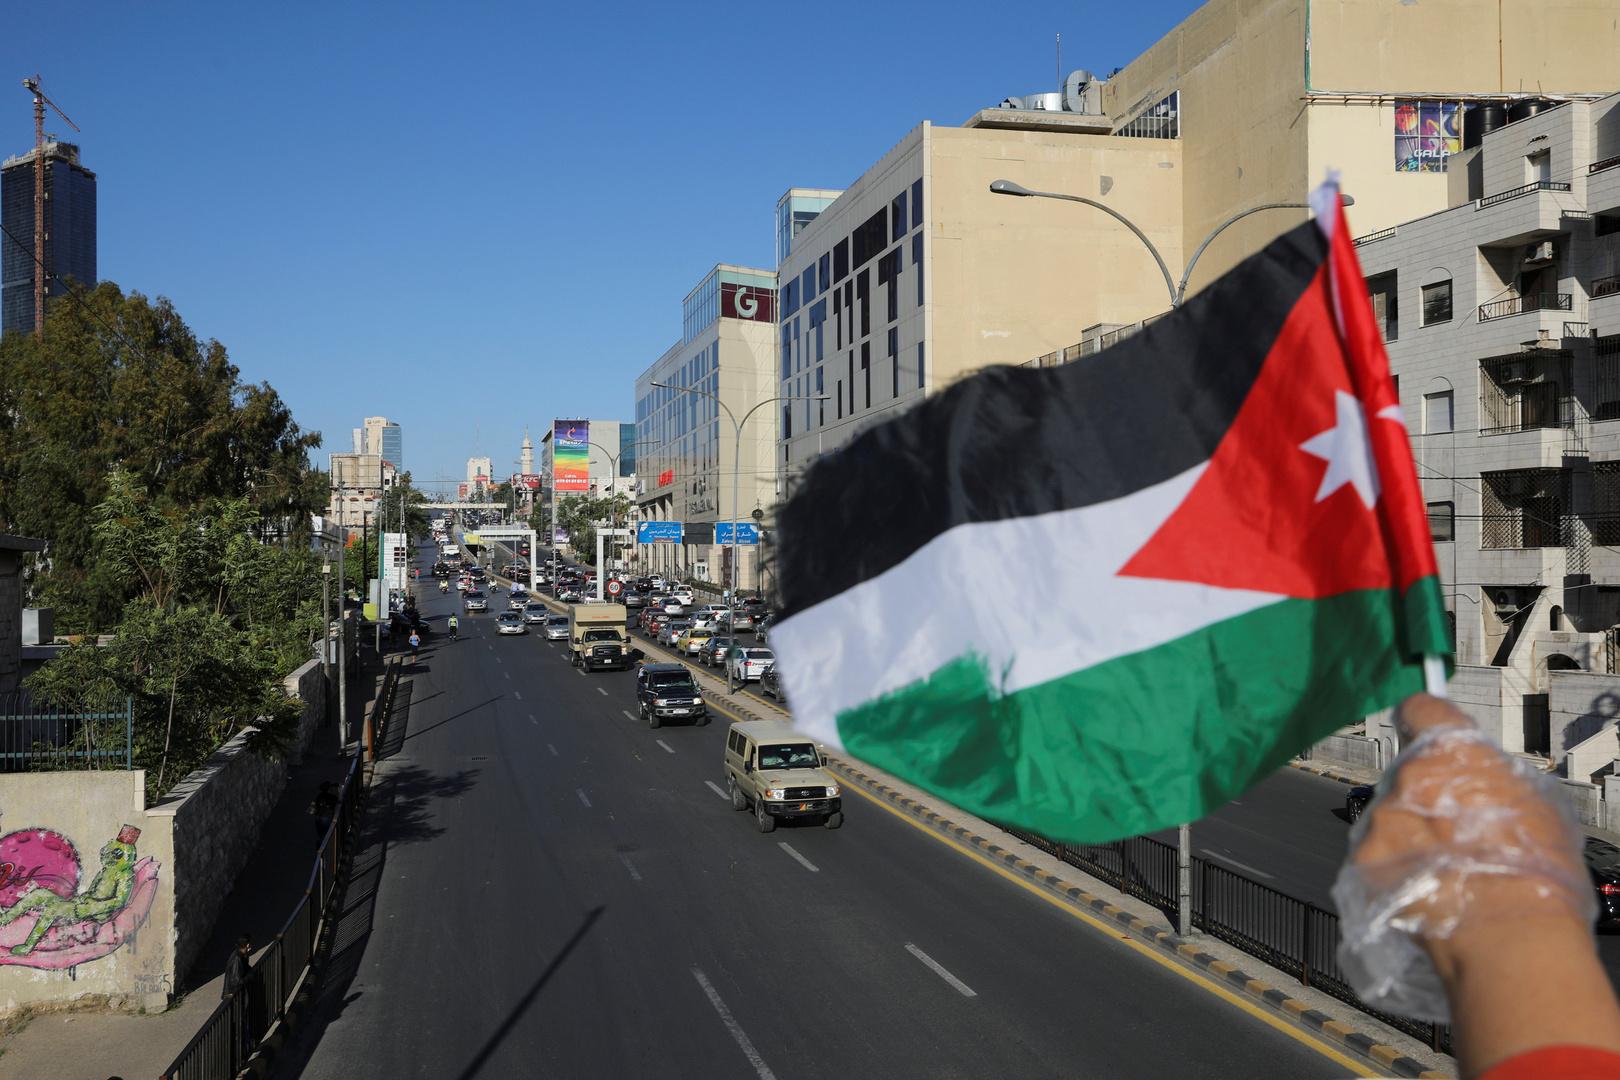 Taler for det jordanske senat: Vi vil reagere bestemt på enhver skælvende hånd, der søger at manipulere med Jordans sikkerhed